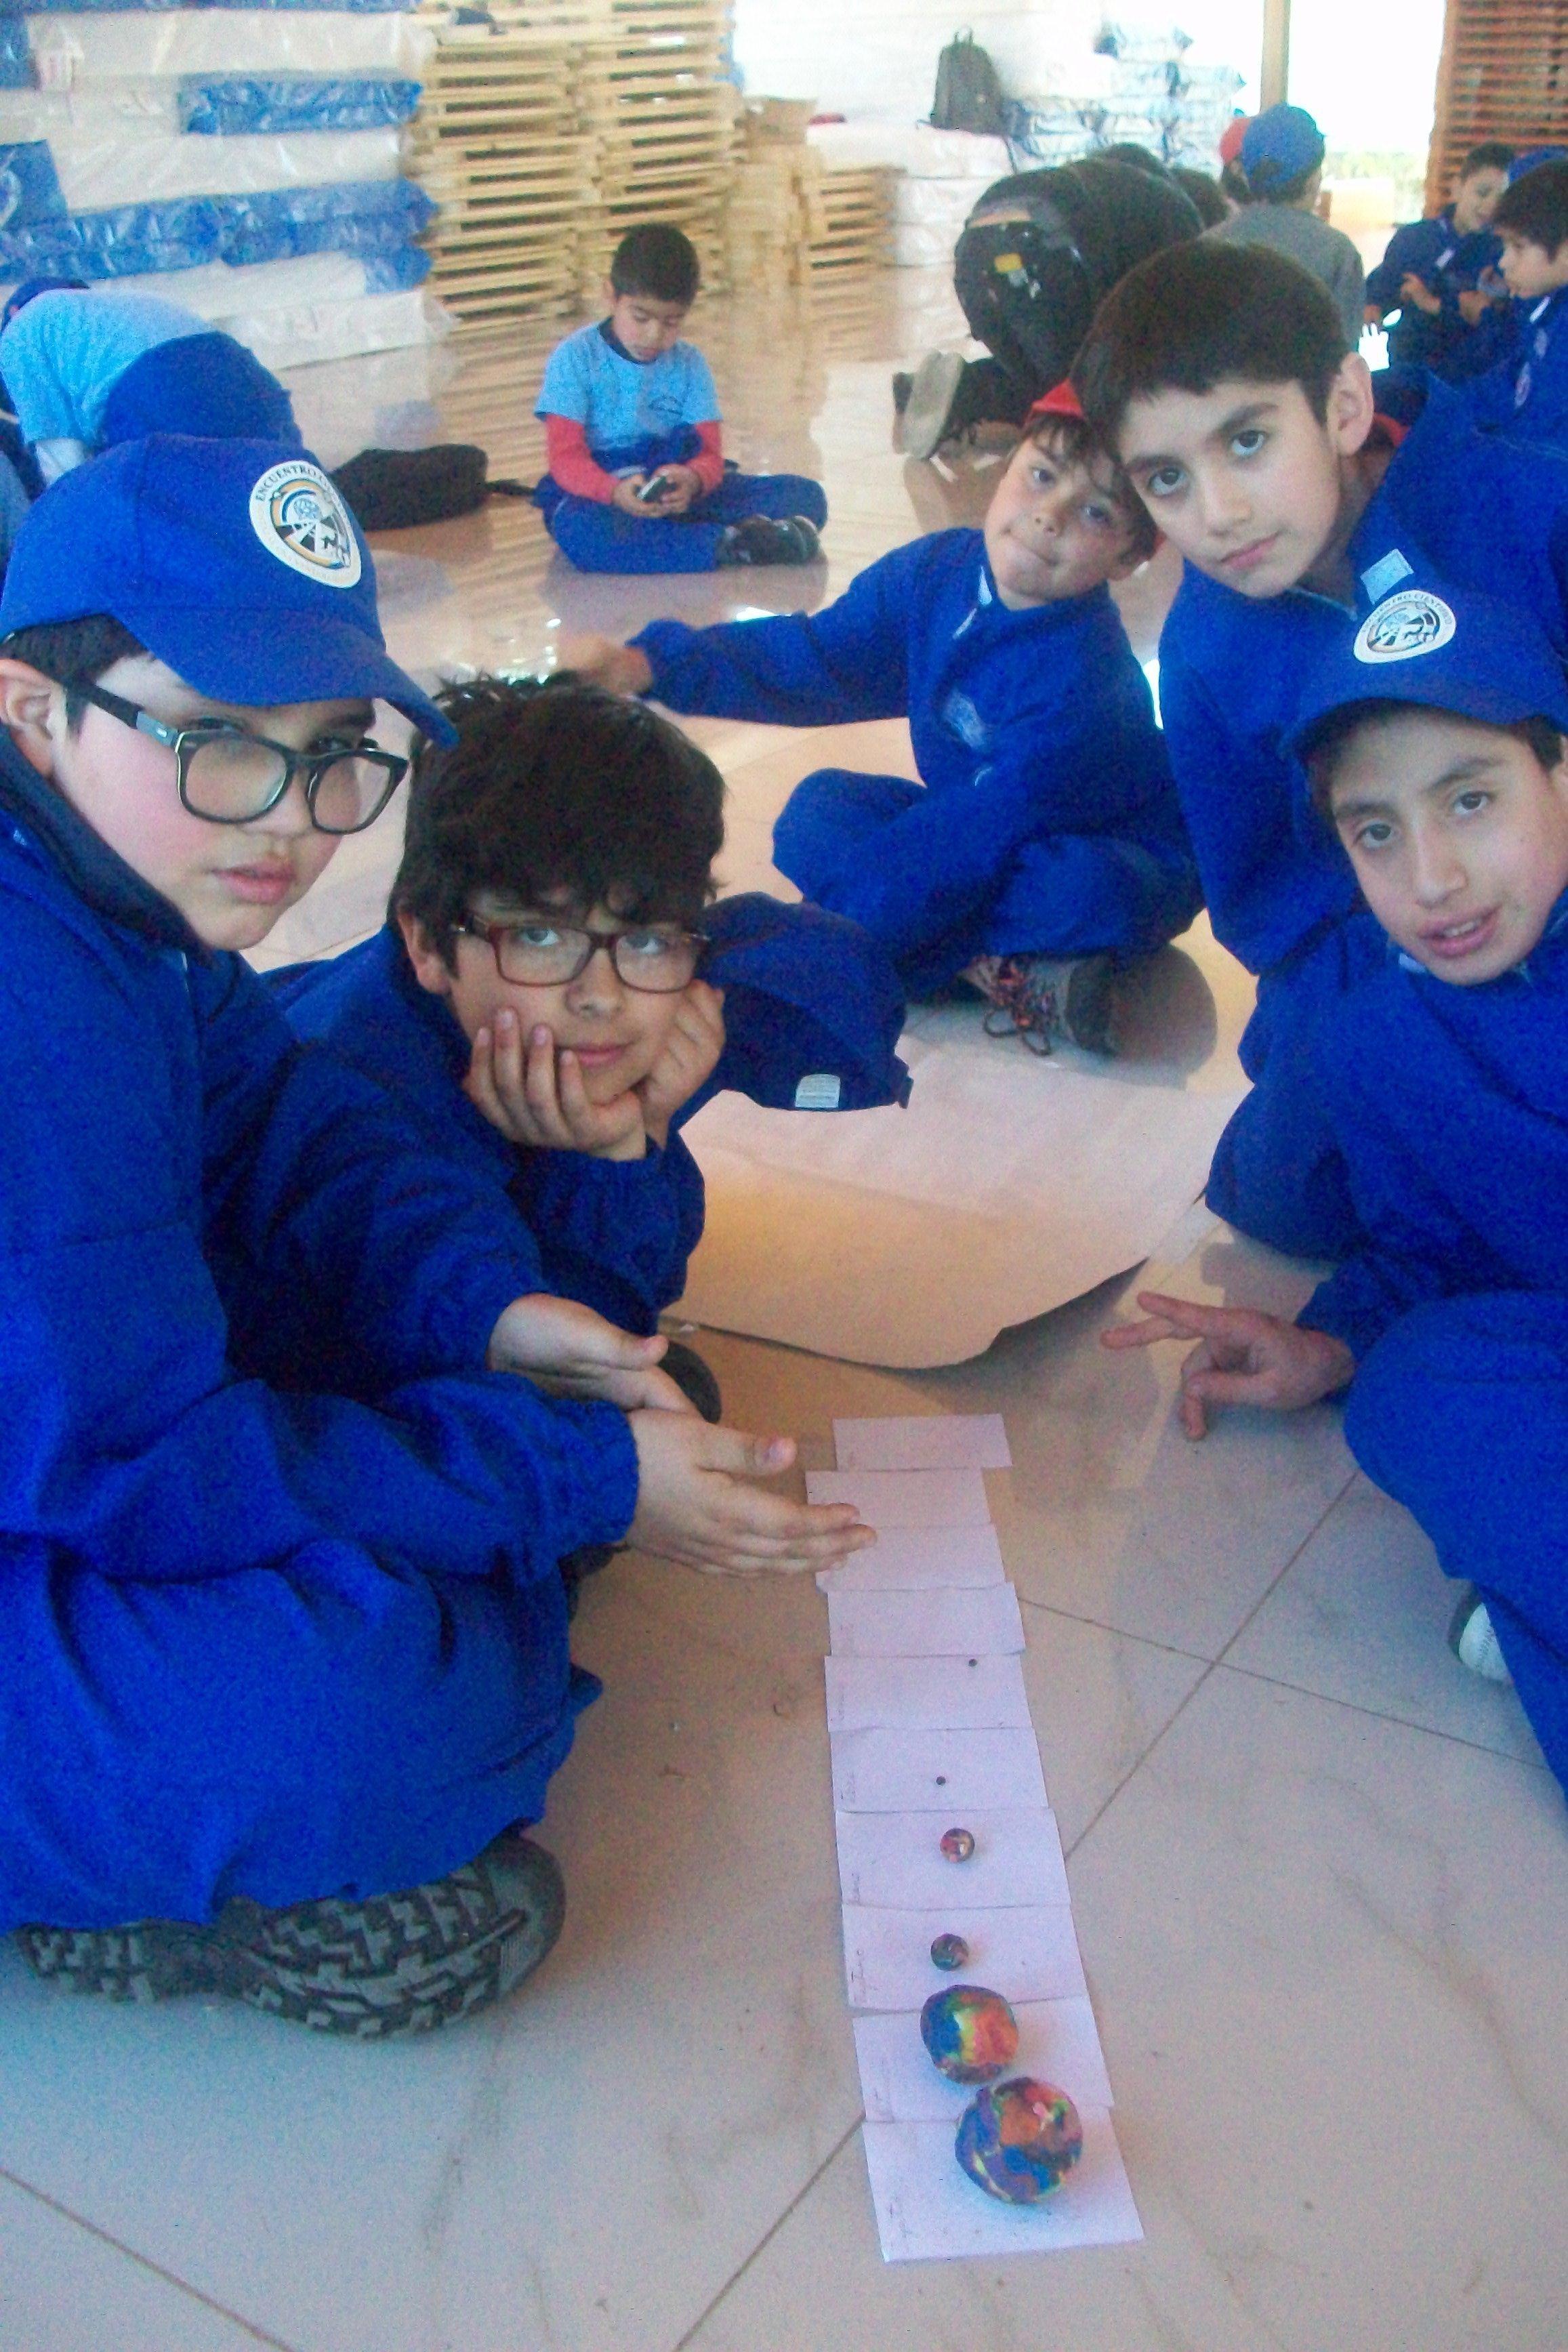 La Escuela de Astronautas busca motivar el aprendizaje en los escolares siguiendo el modelo STEM (Science, Technology, Engineering and Mathematics)